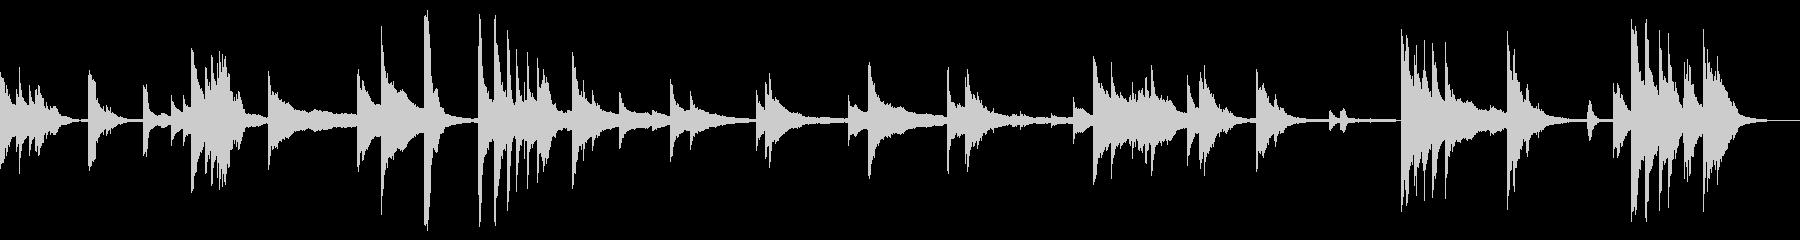 ブラスハンドベル:リンギング、フォリーの未再生の波形